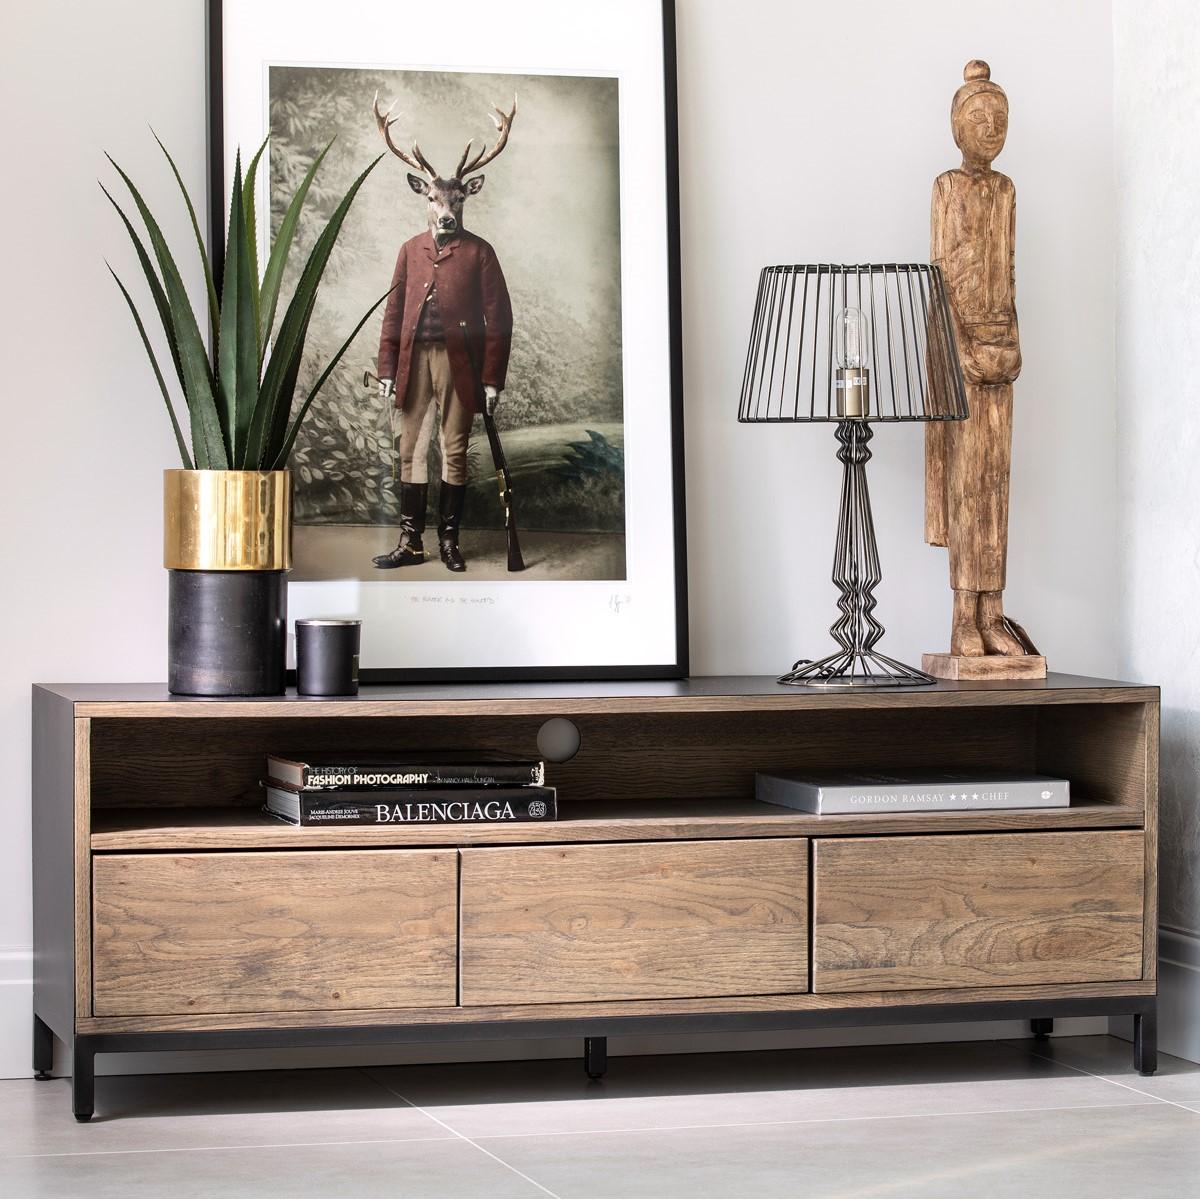 meuble tv contemporain chene massif encadrement metal noir hudson